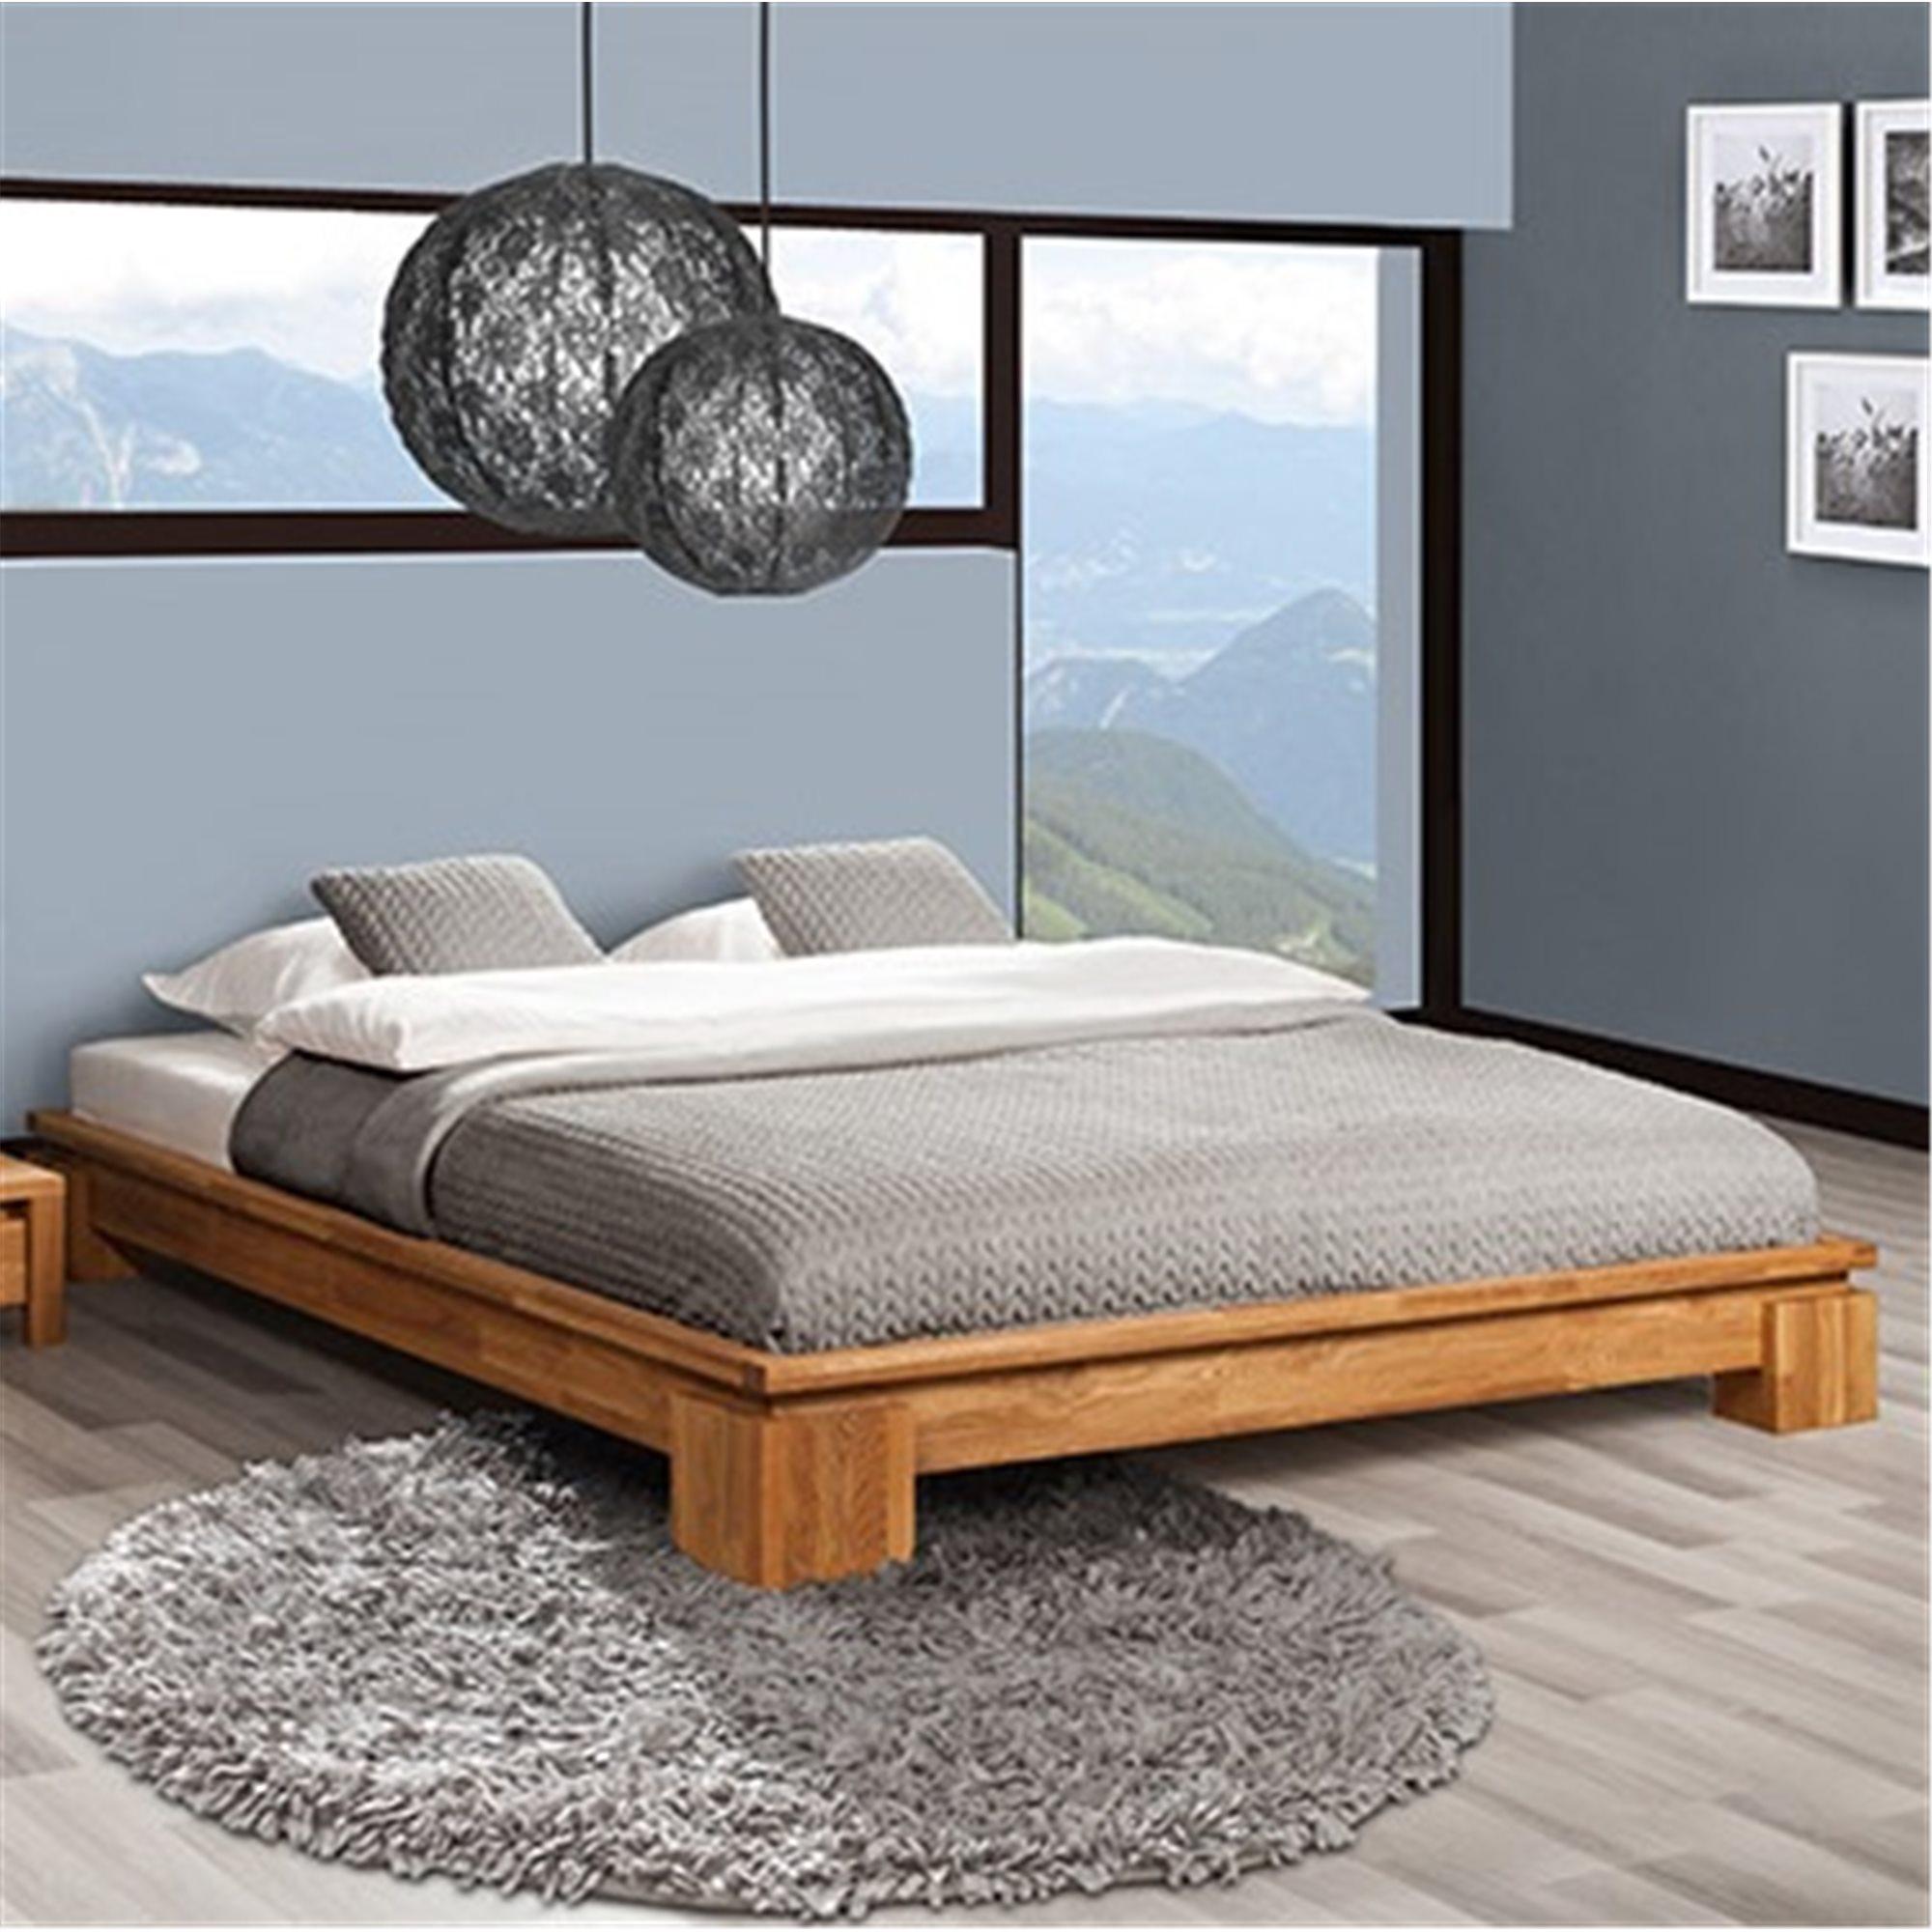 low bed frames low bed frame vinci ISMEFIK